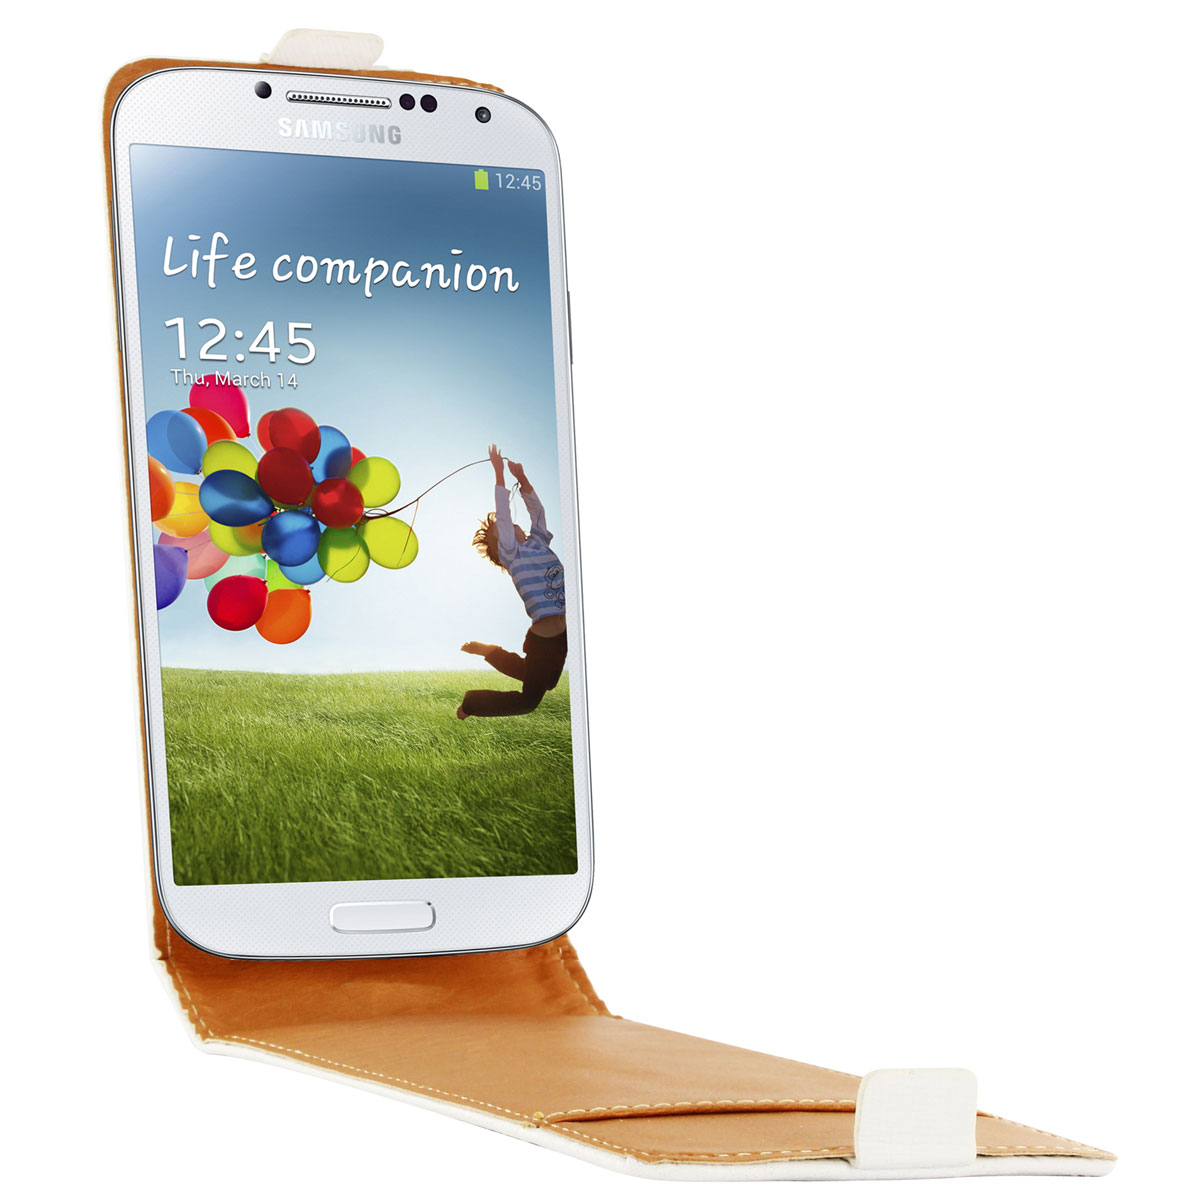 Etui téléphone Swiss Charger Etui Cuir Flip Blanc Samsung Galaxy S4 Etui en cuir véritable pour Samsung Galaxy S4